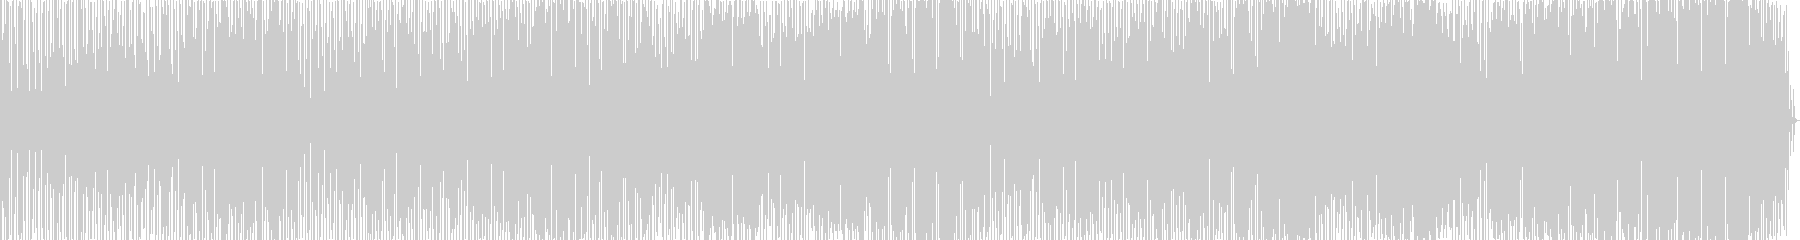 オールナイトニッポン風_ブラス版の未再生の波形